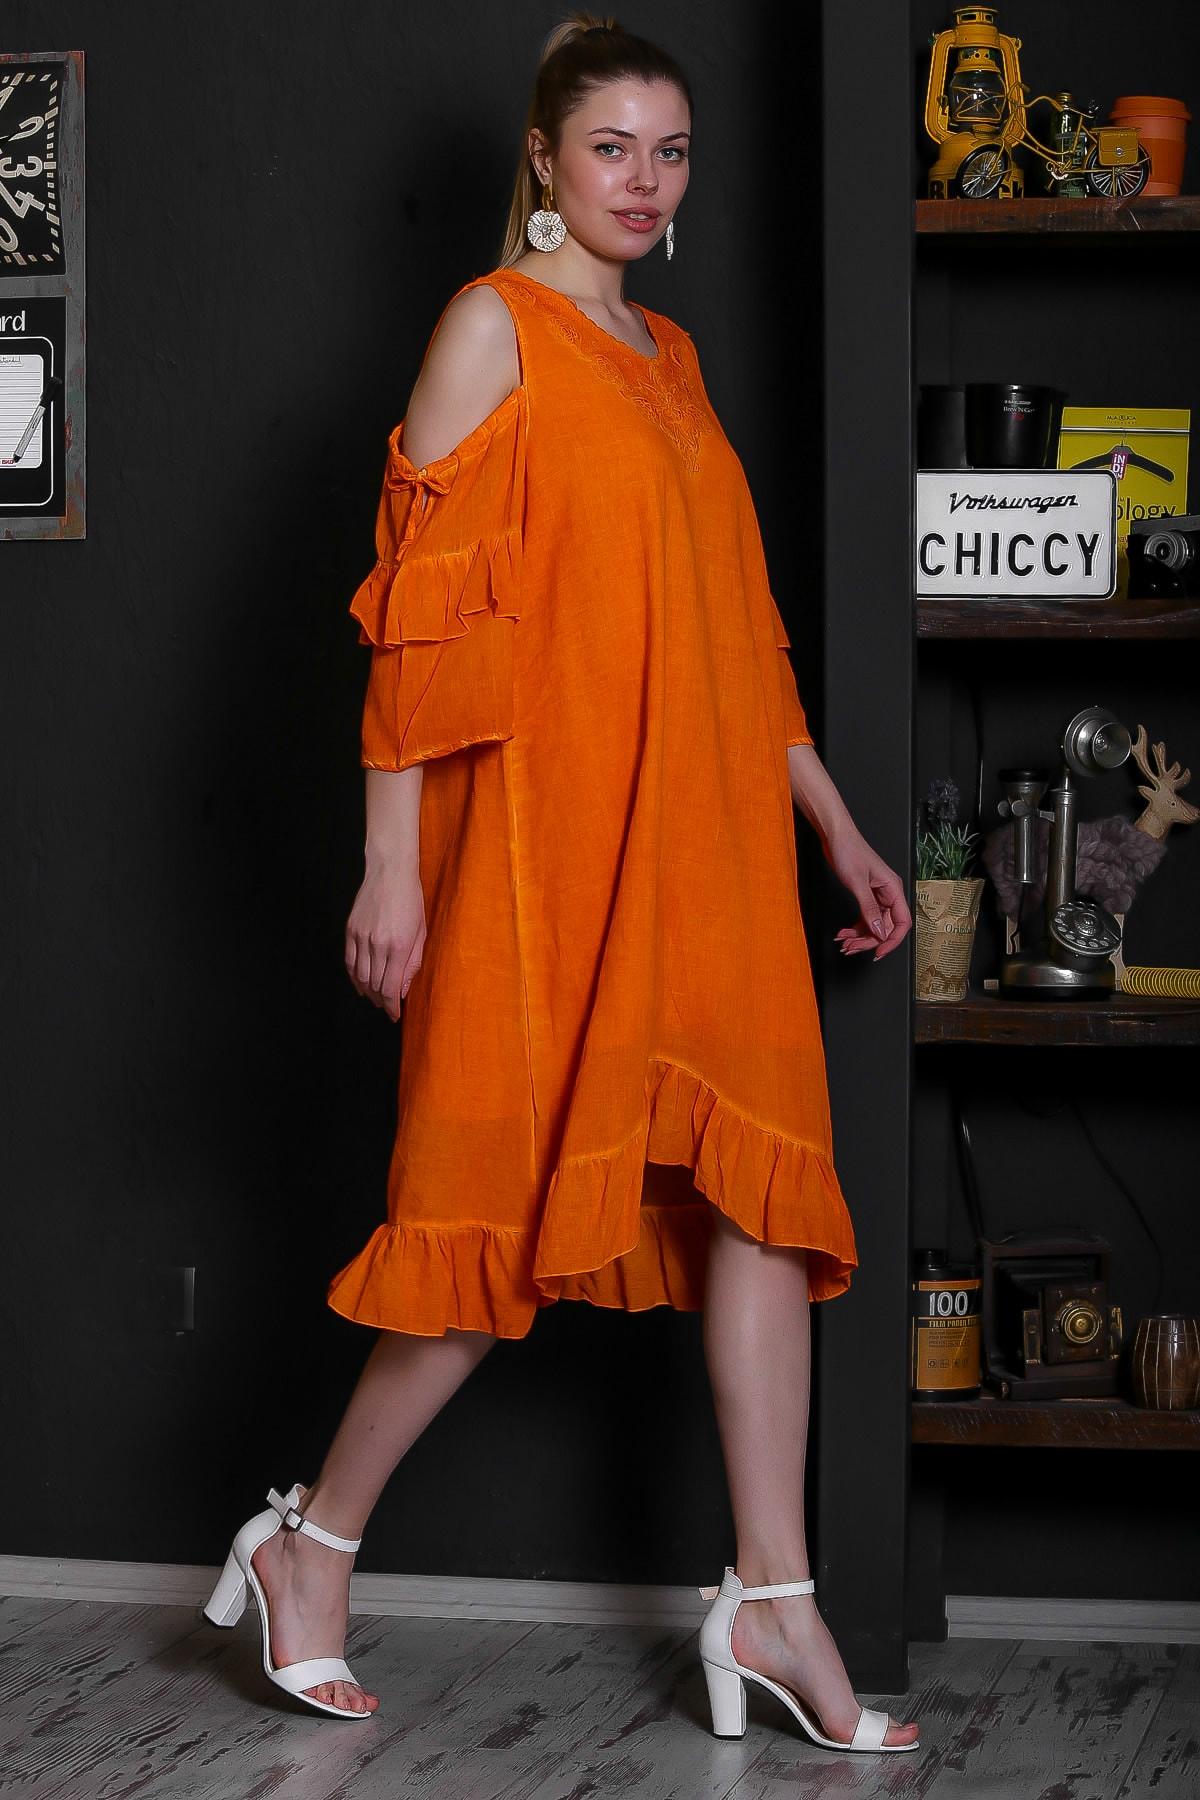 Chiccy Kadın Turuncu Dantel Yakalı Omuzları Pencereli Volanlı Astarlı Yıkamalı Elbise M10160000EL95361 2